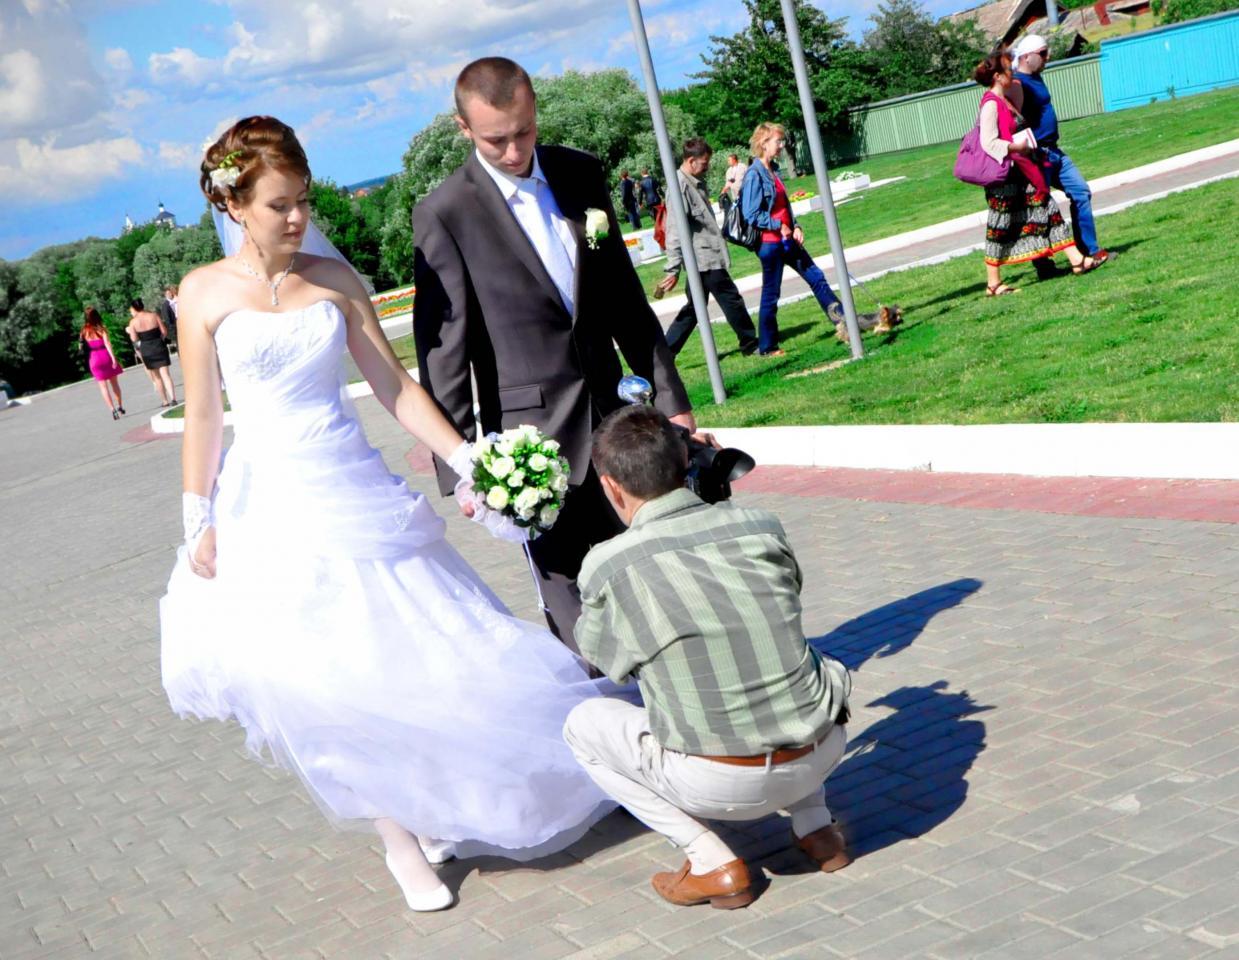 Видеосъемка свадьбы Луховицы | фото 1 из 1